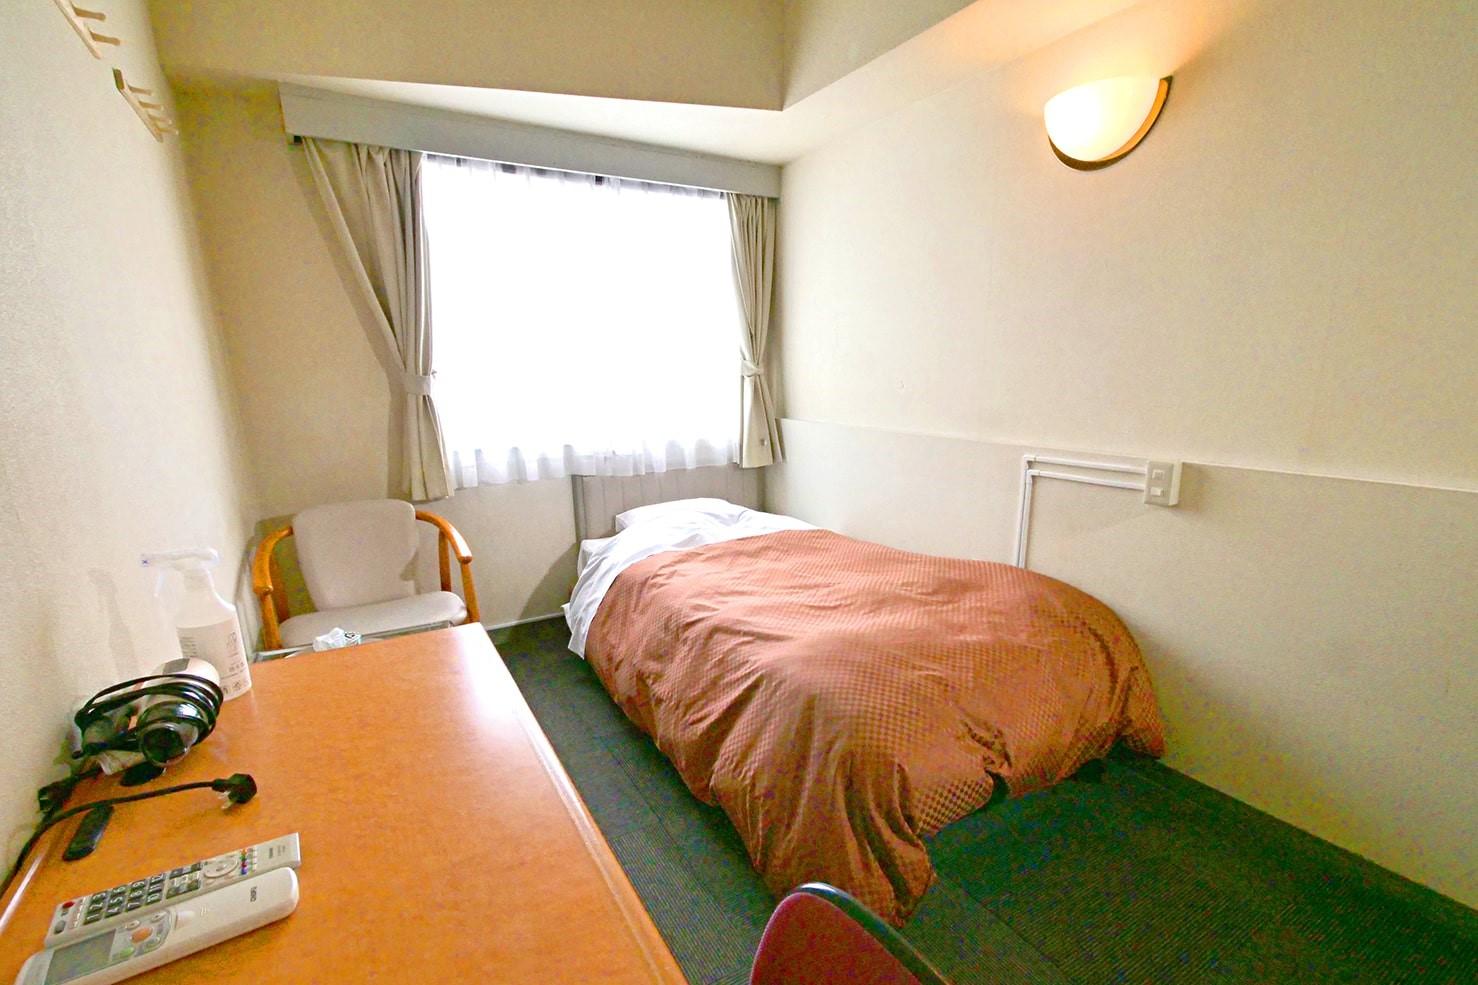 ホテルニュー丸勝 宮古島 ビジネスホテル 出張 沖縄 ひとり旅 離島 おすすめ